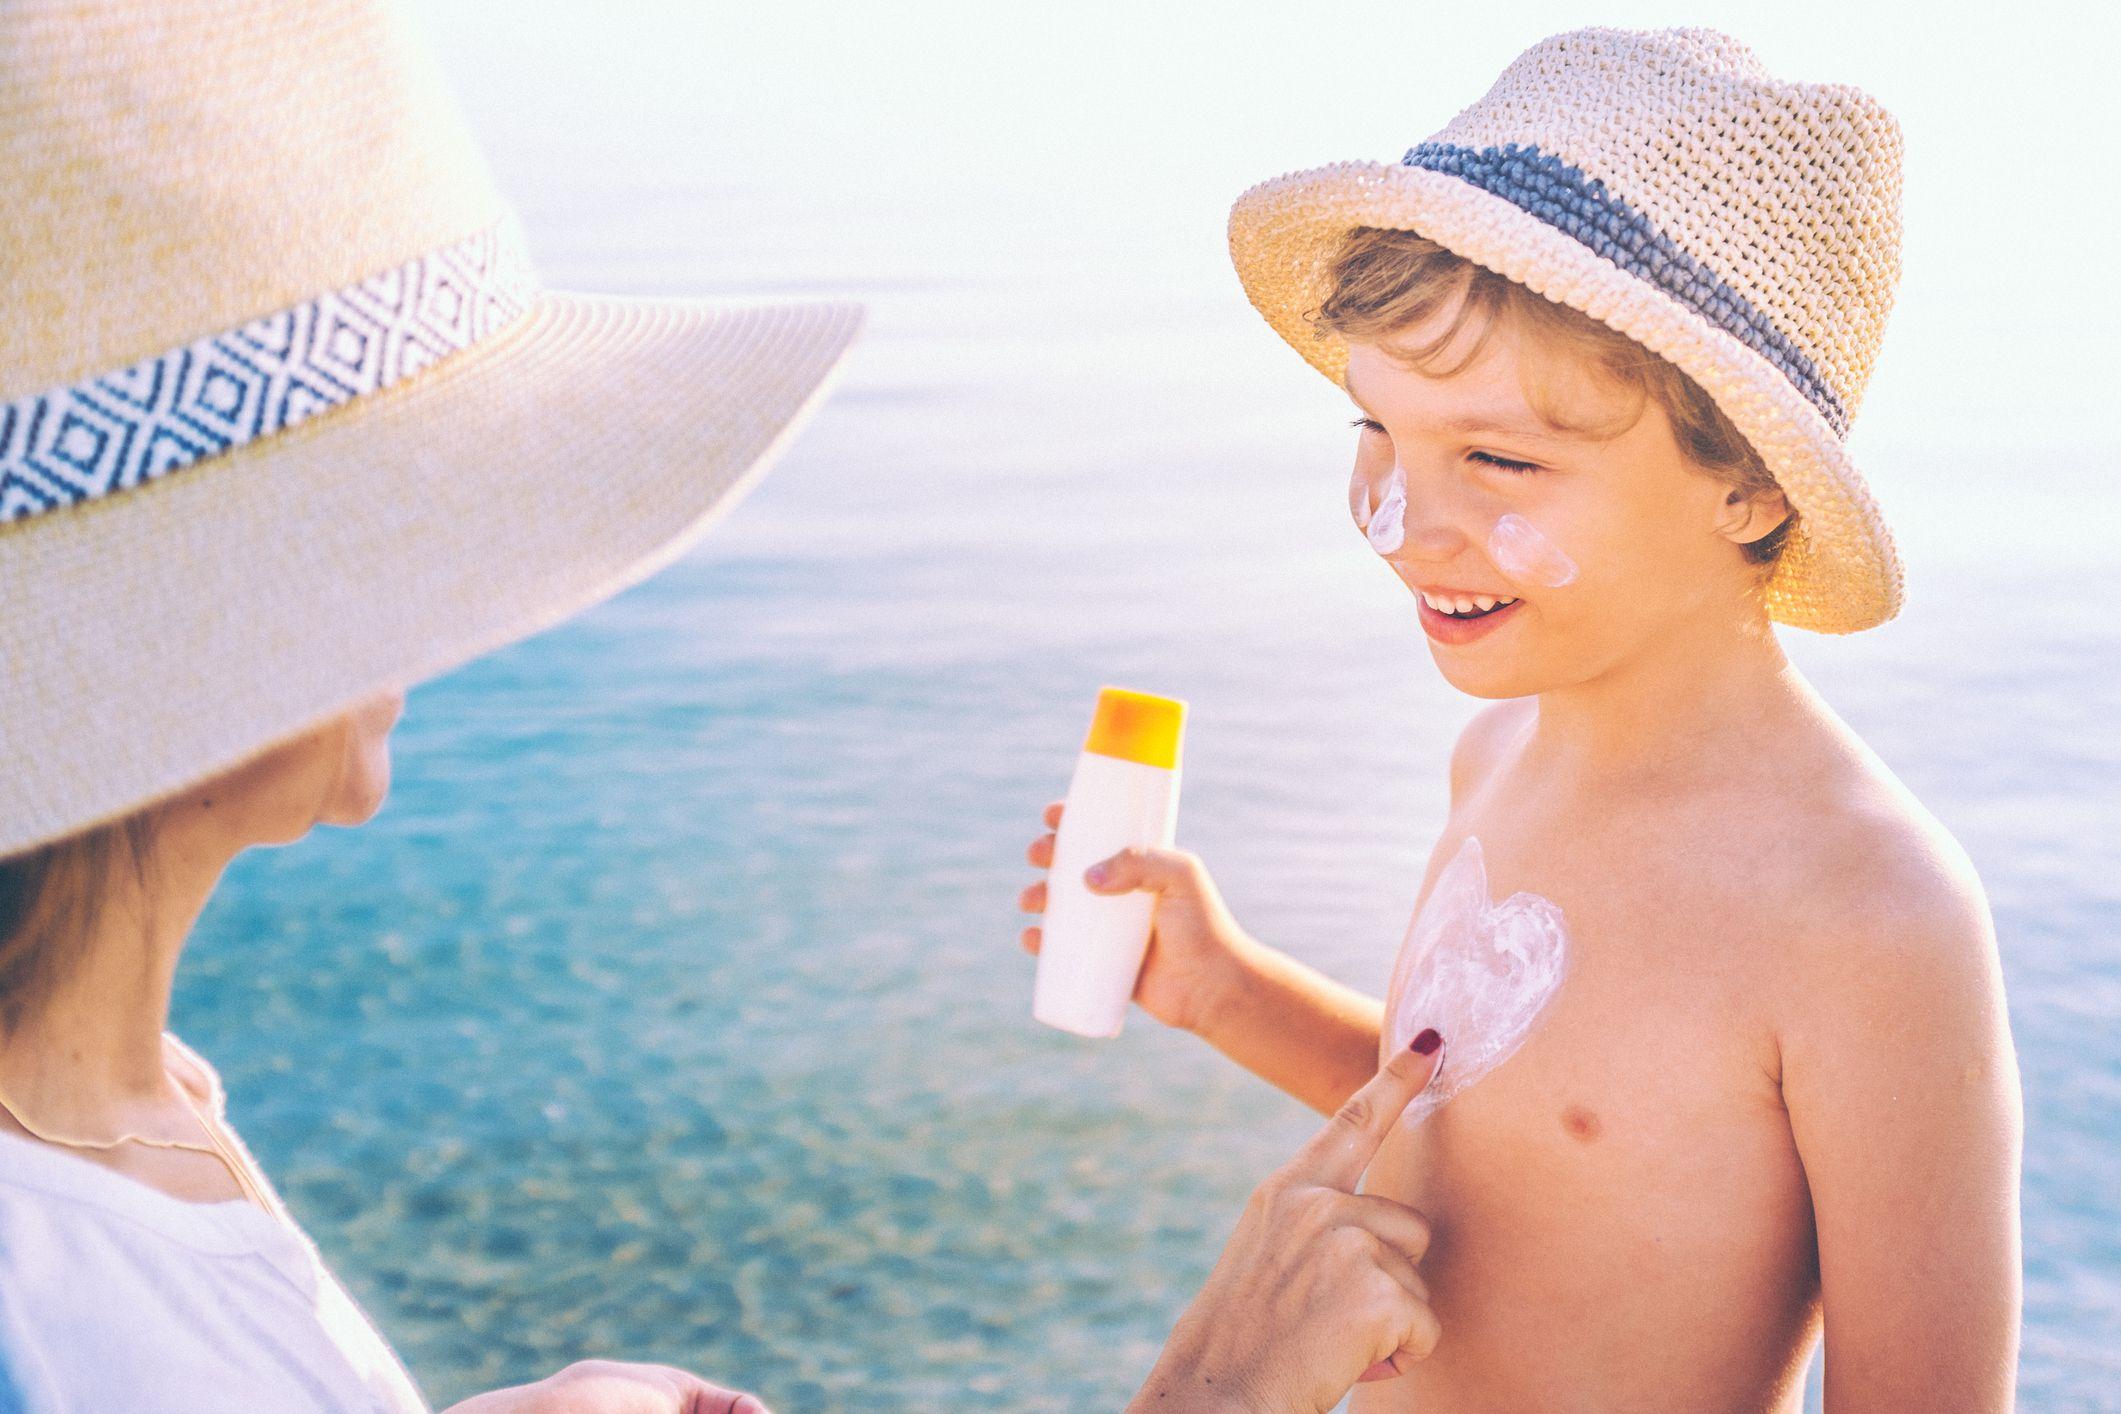 Criança tomando sol: vitamina D evita vários problemas e várias doenças